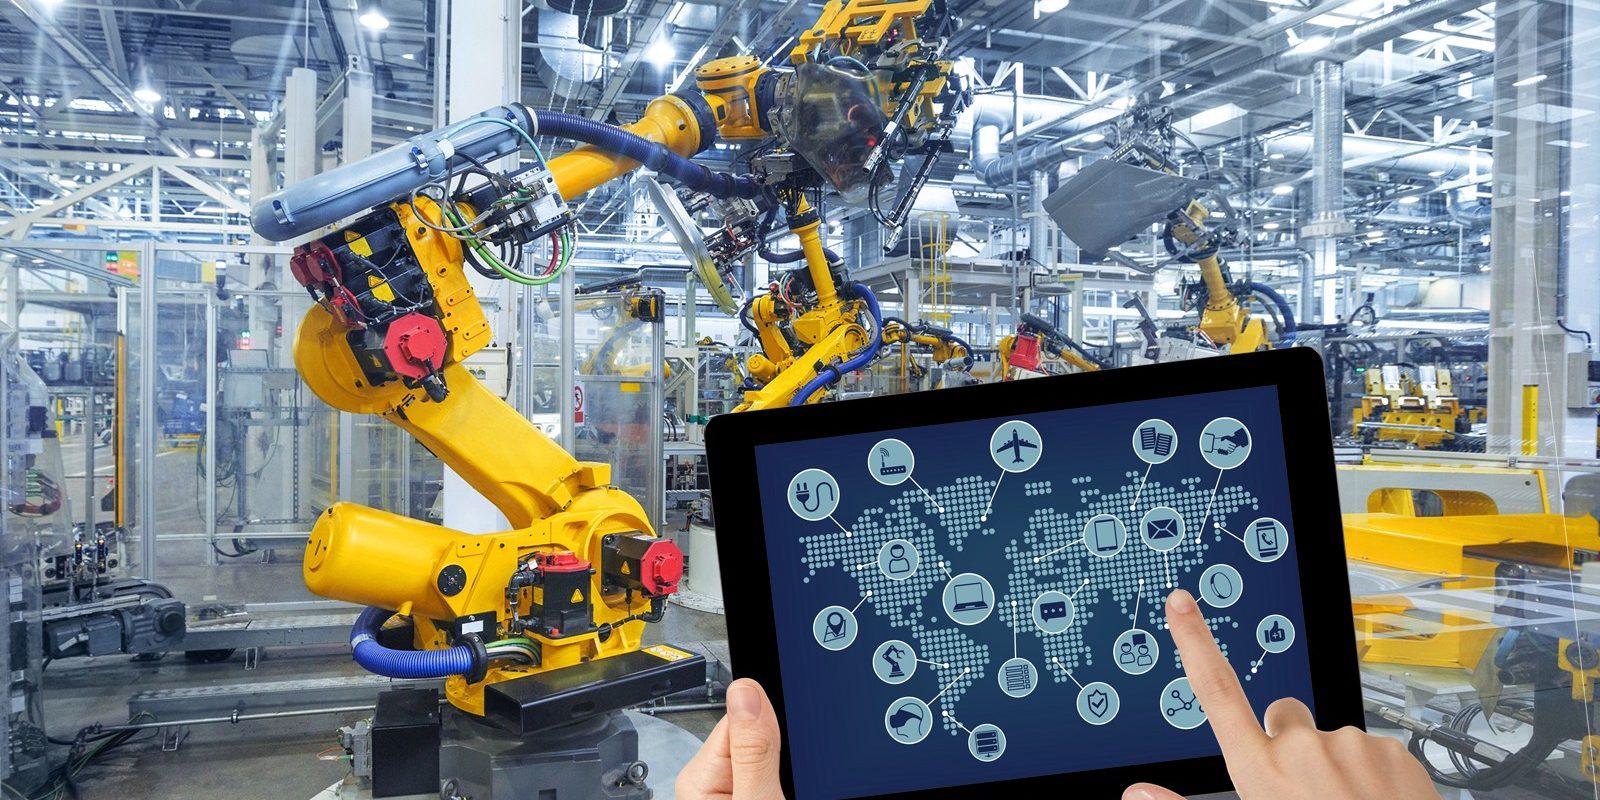 Software de manutenção industrial: vantagens e como ele pode ser um poderoso diferencial para sua empresa